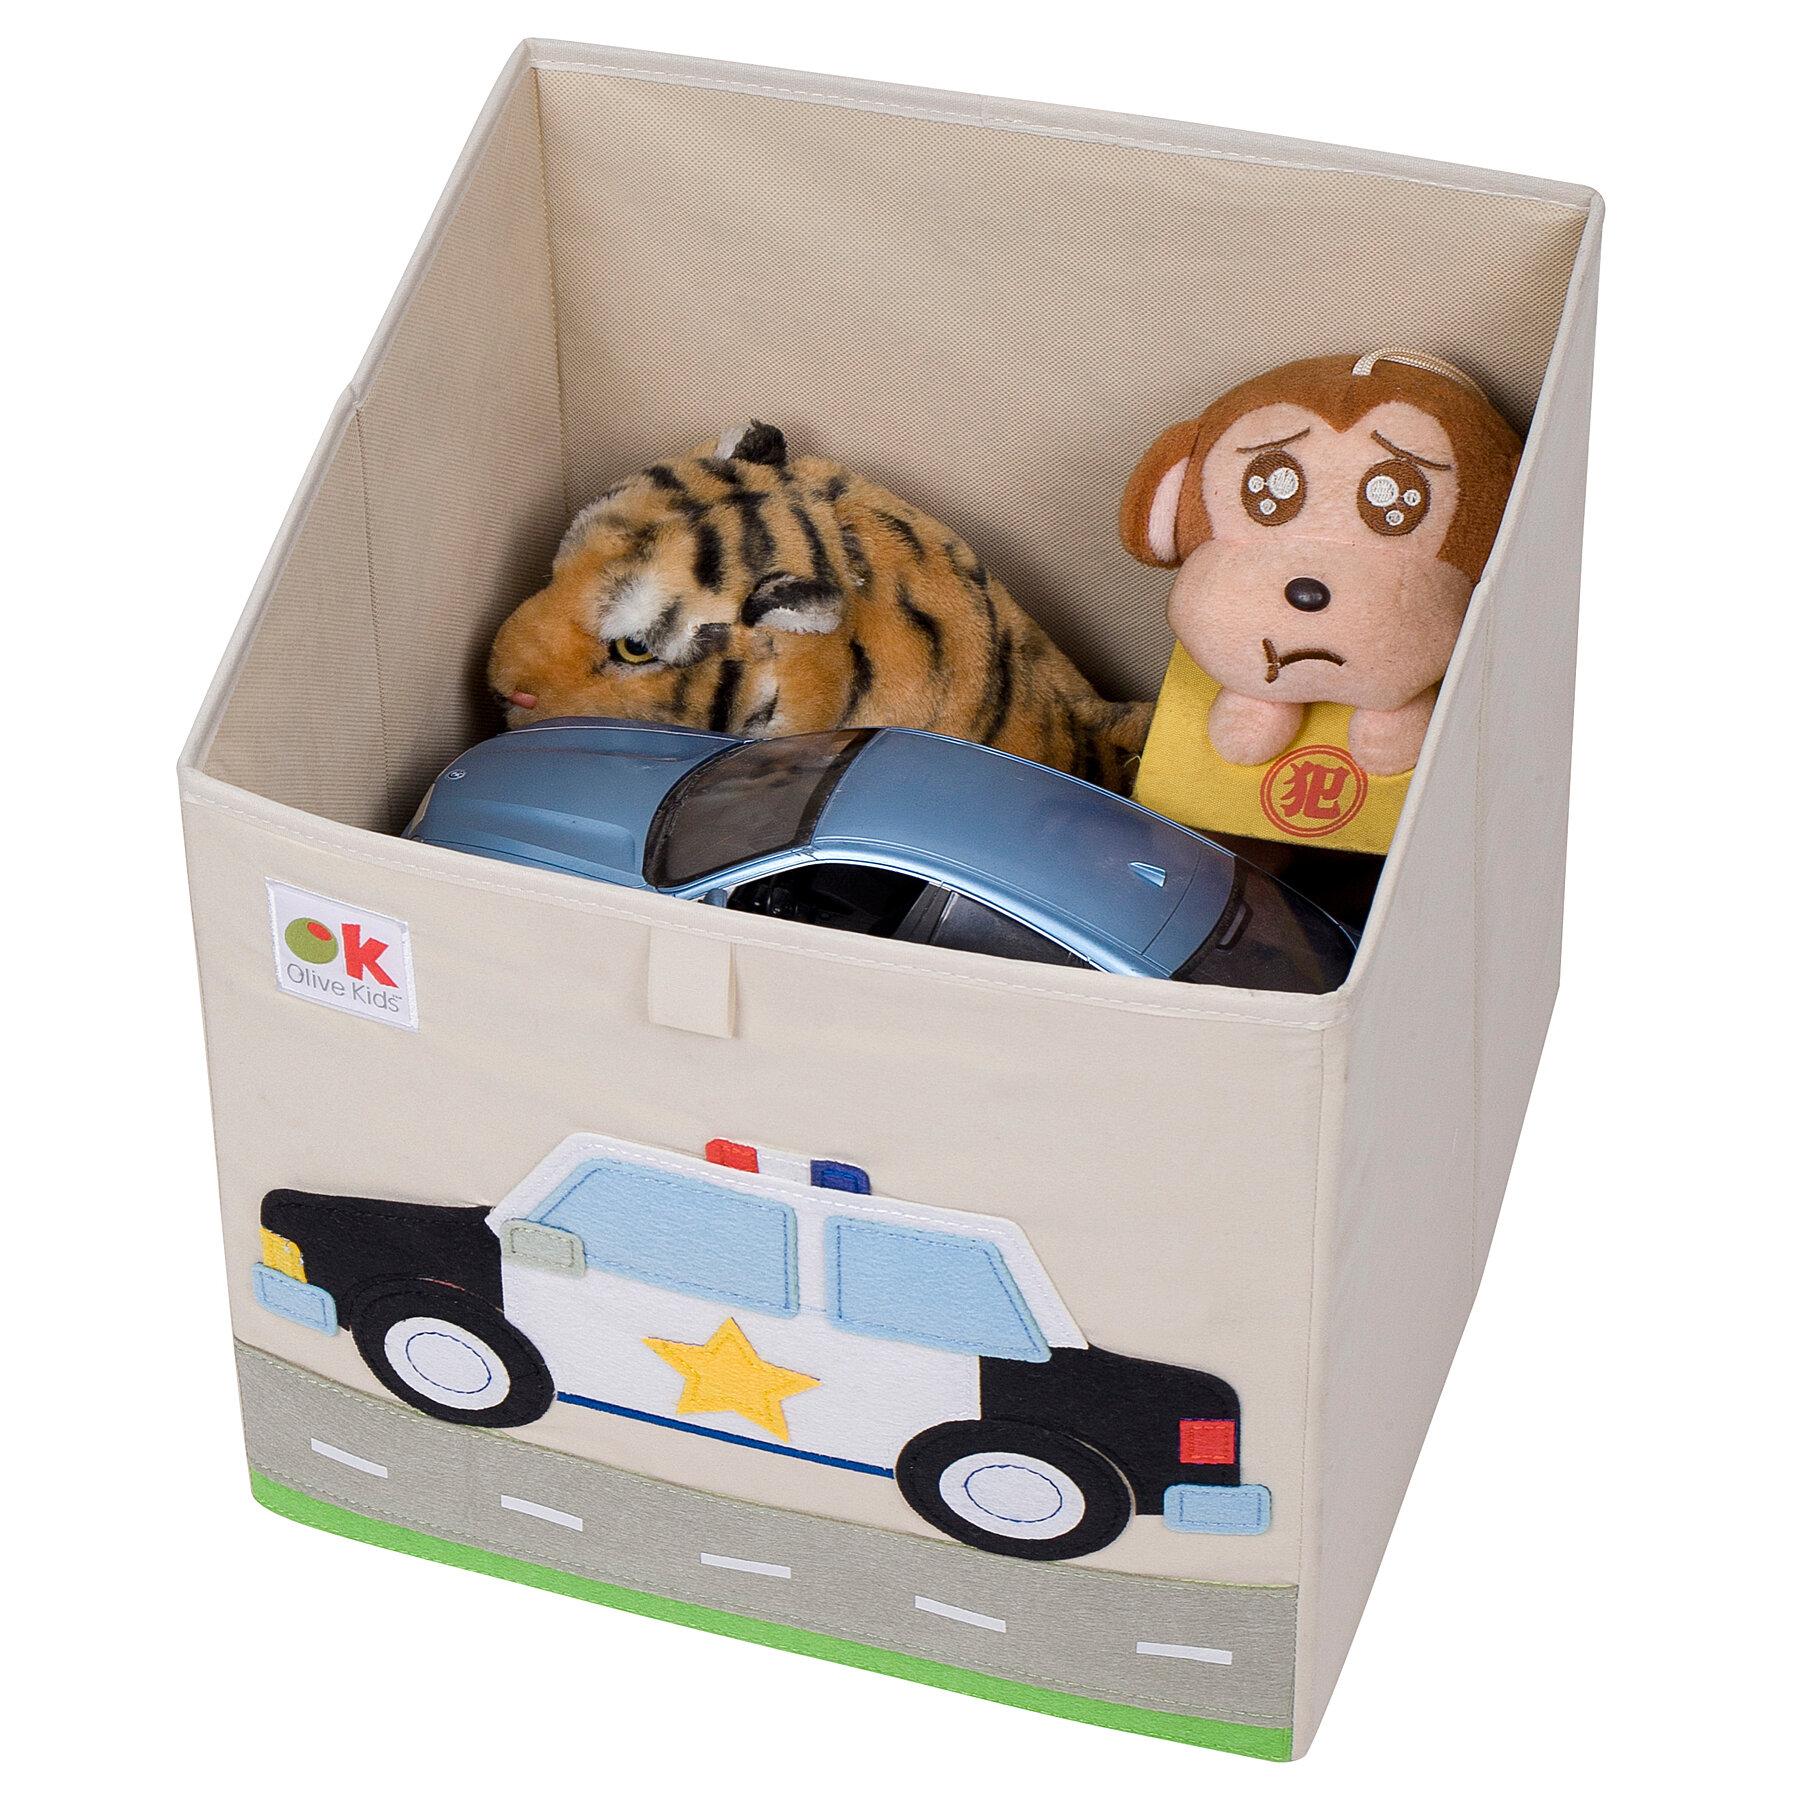 Wildkin Olive Kids Police Car Toy Box Wayfair